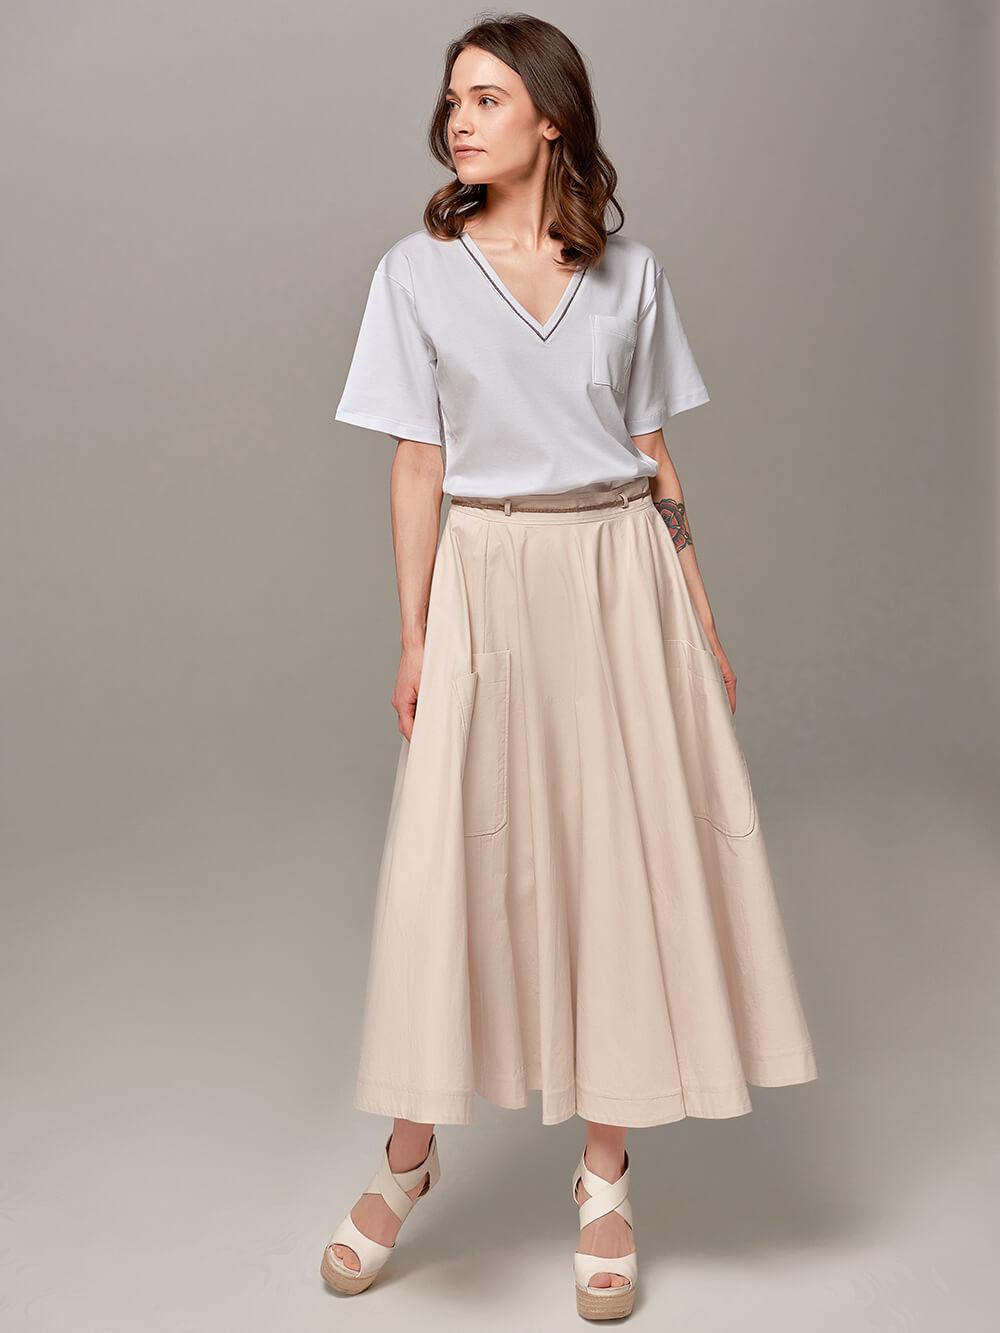 Женская юбка песочного цвета Eleventy - фото 1